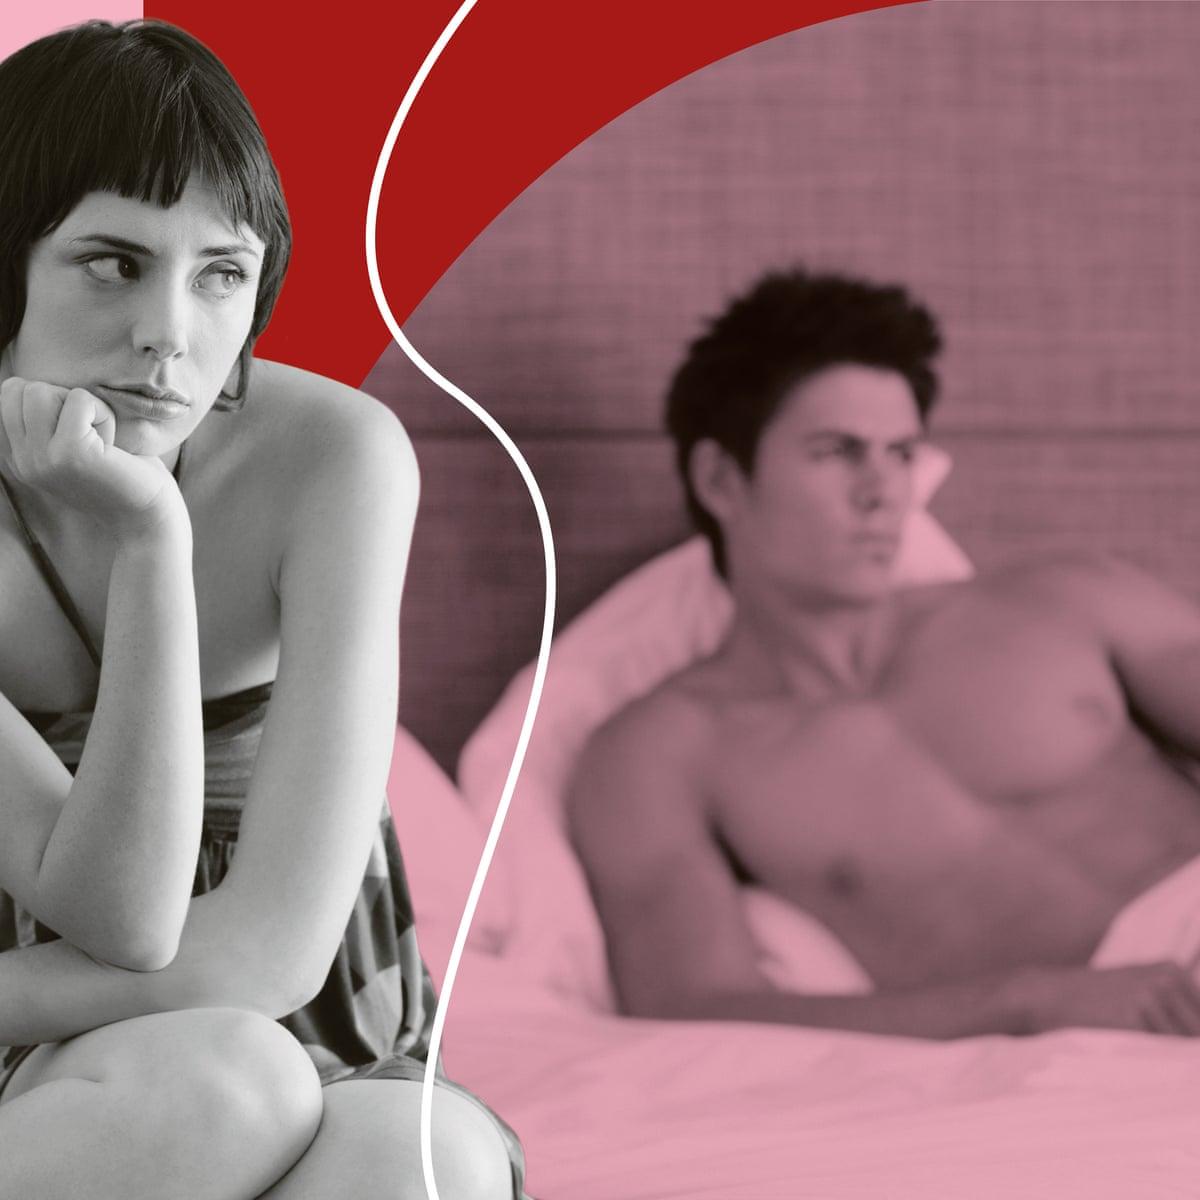 Wife never initiates intimacy